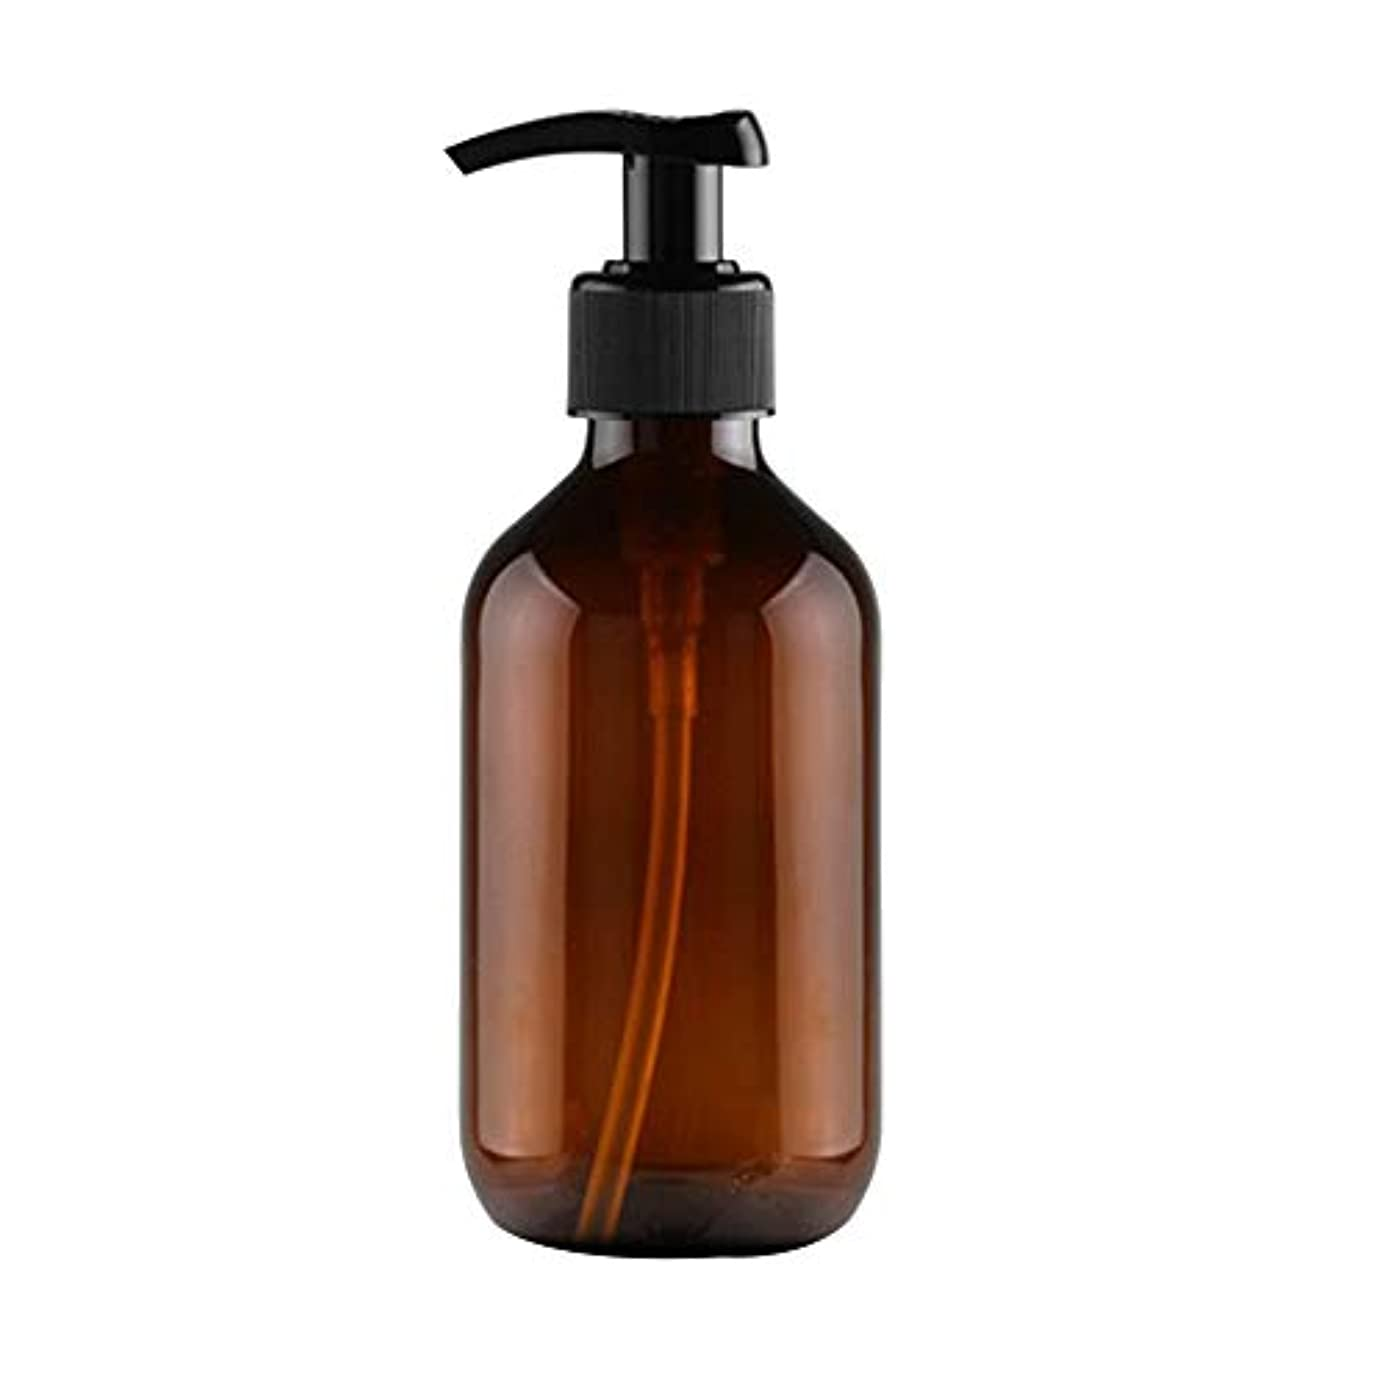 Vi.yo 小分けボトル ポンプボトル 押し式詰替用ボトル 携帯用 旅行 出張用 シャンプー 乳液など入り トラベルボトル 300ml ブラウン